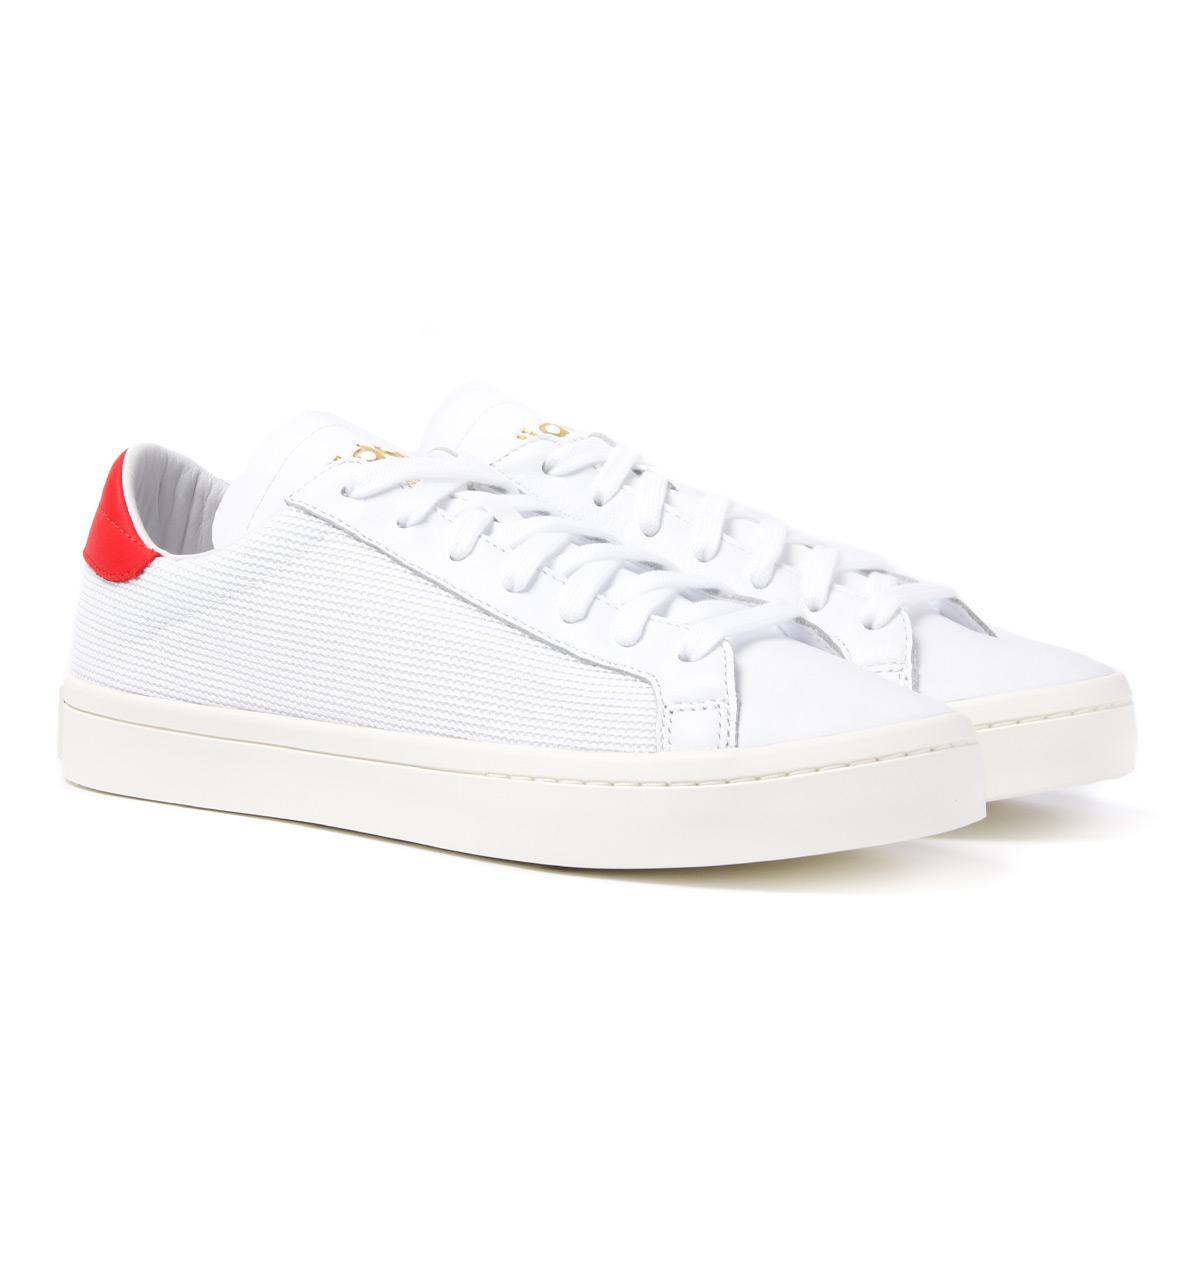 Lyst adidas Originals blanco & rojo corte Vantage formadores en blanco